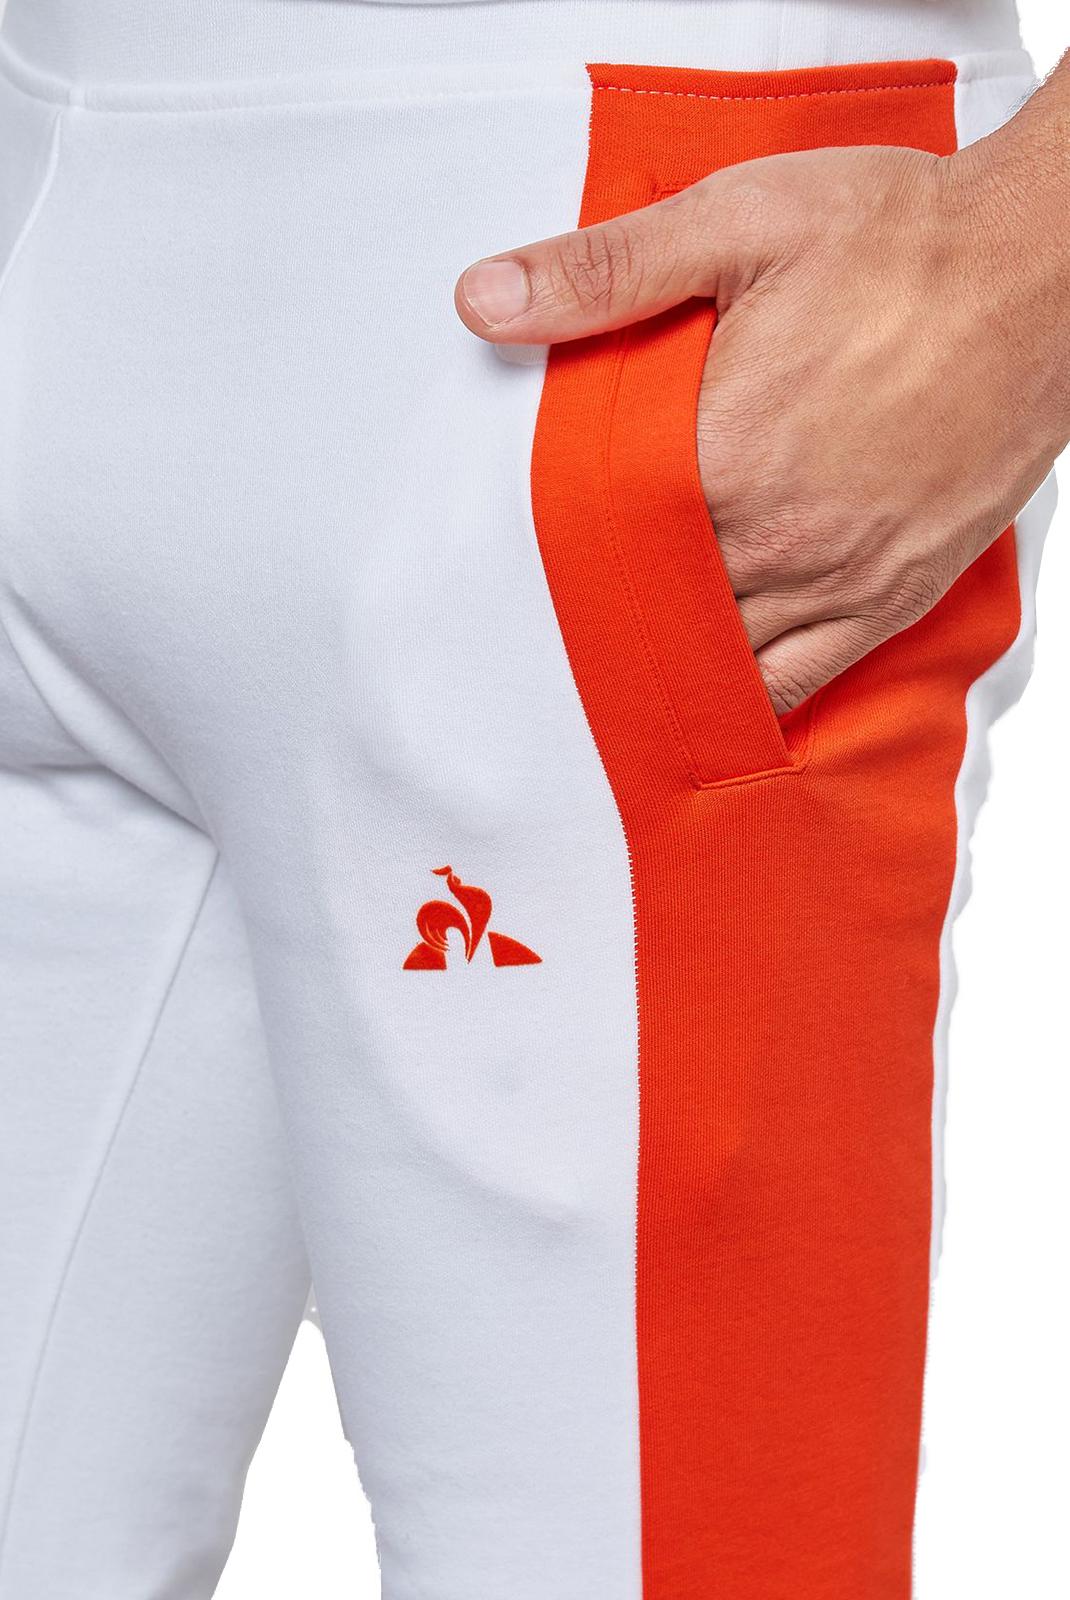 Pantalons sport/streetwear  Le coq sportif 1820046 BLANC/ORANGE